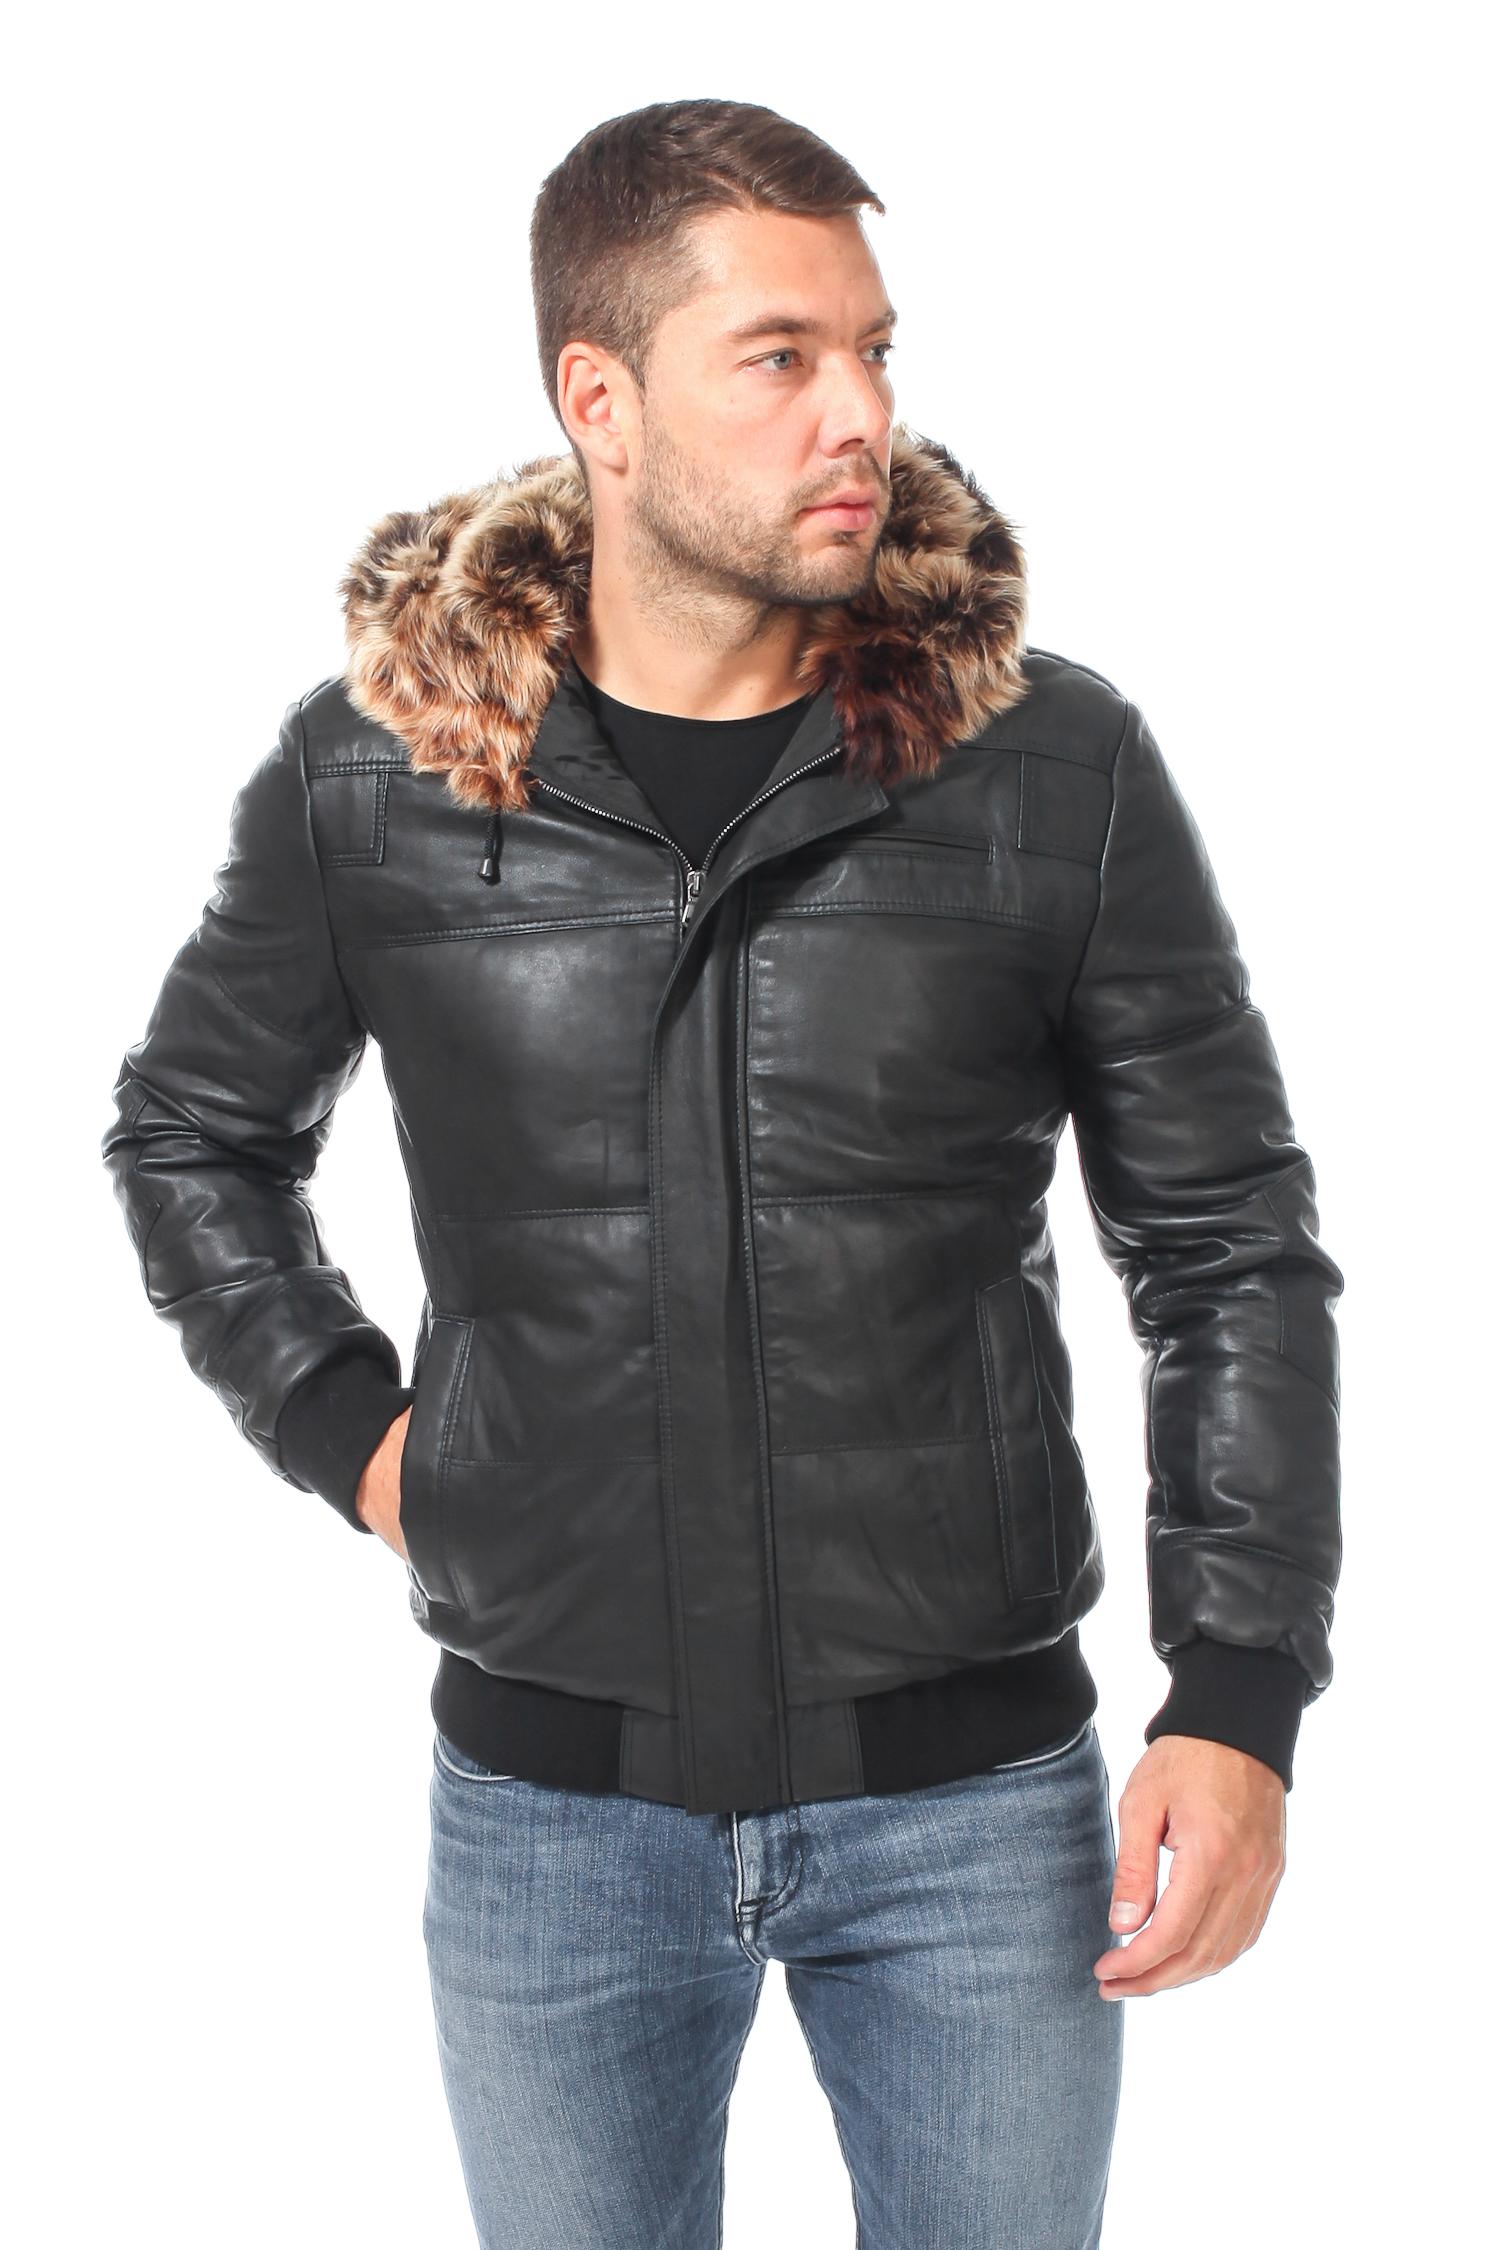 Мужская кожаная куртка из натуральной кожи с капюшоном, отделка тоскана